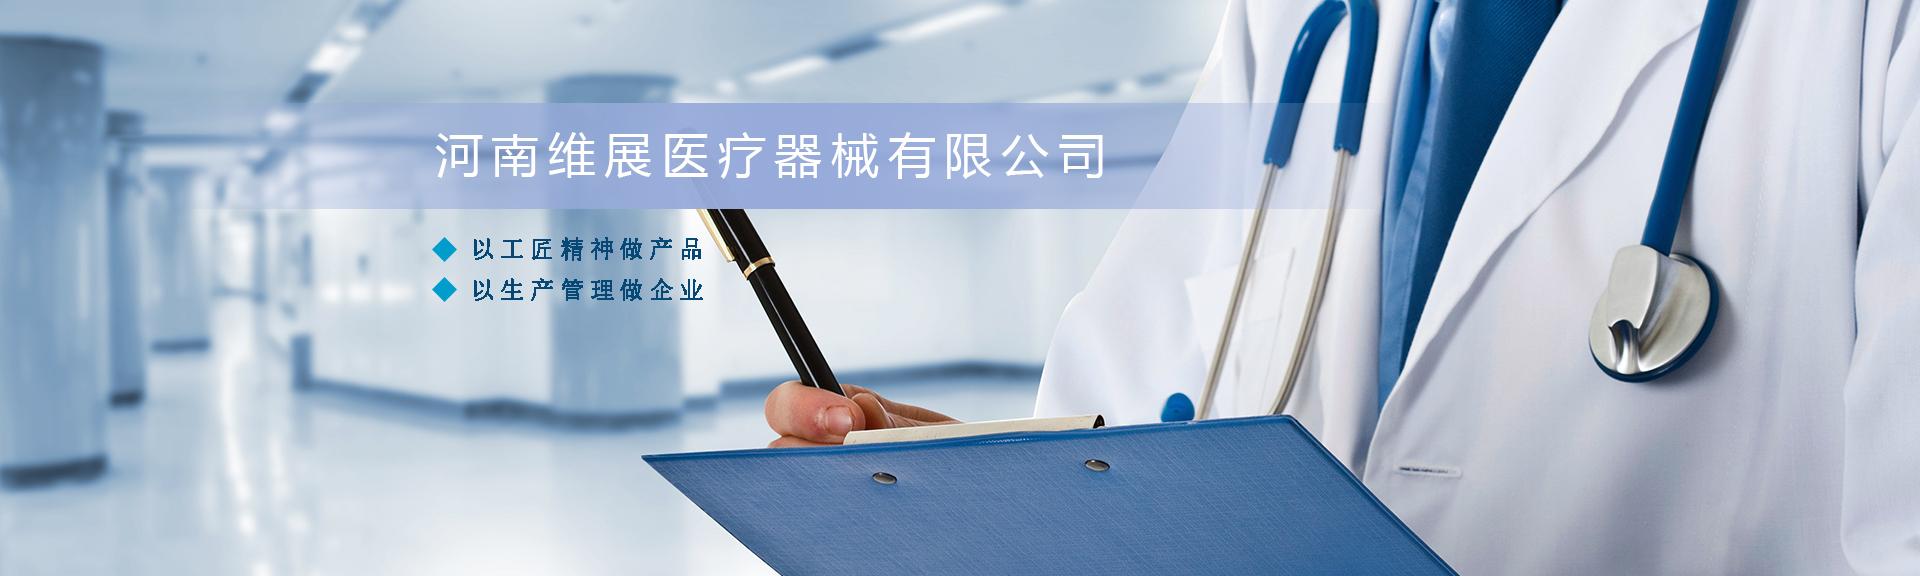 河南维展医疗器械有限公司